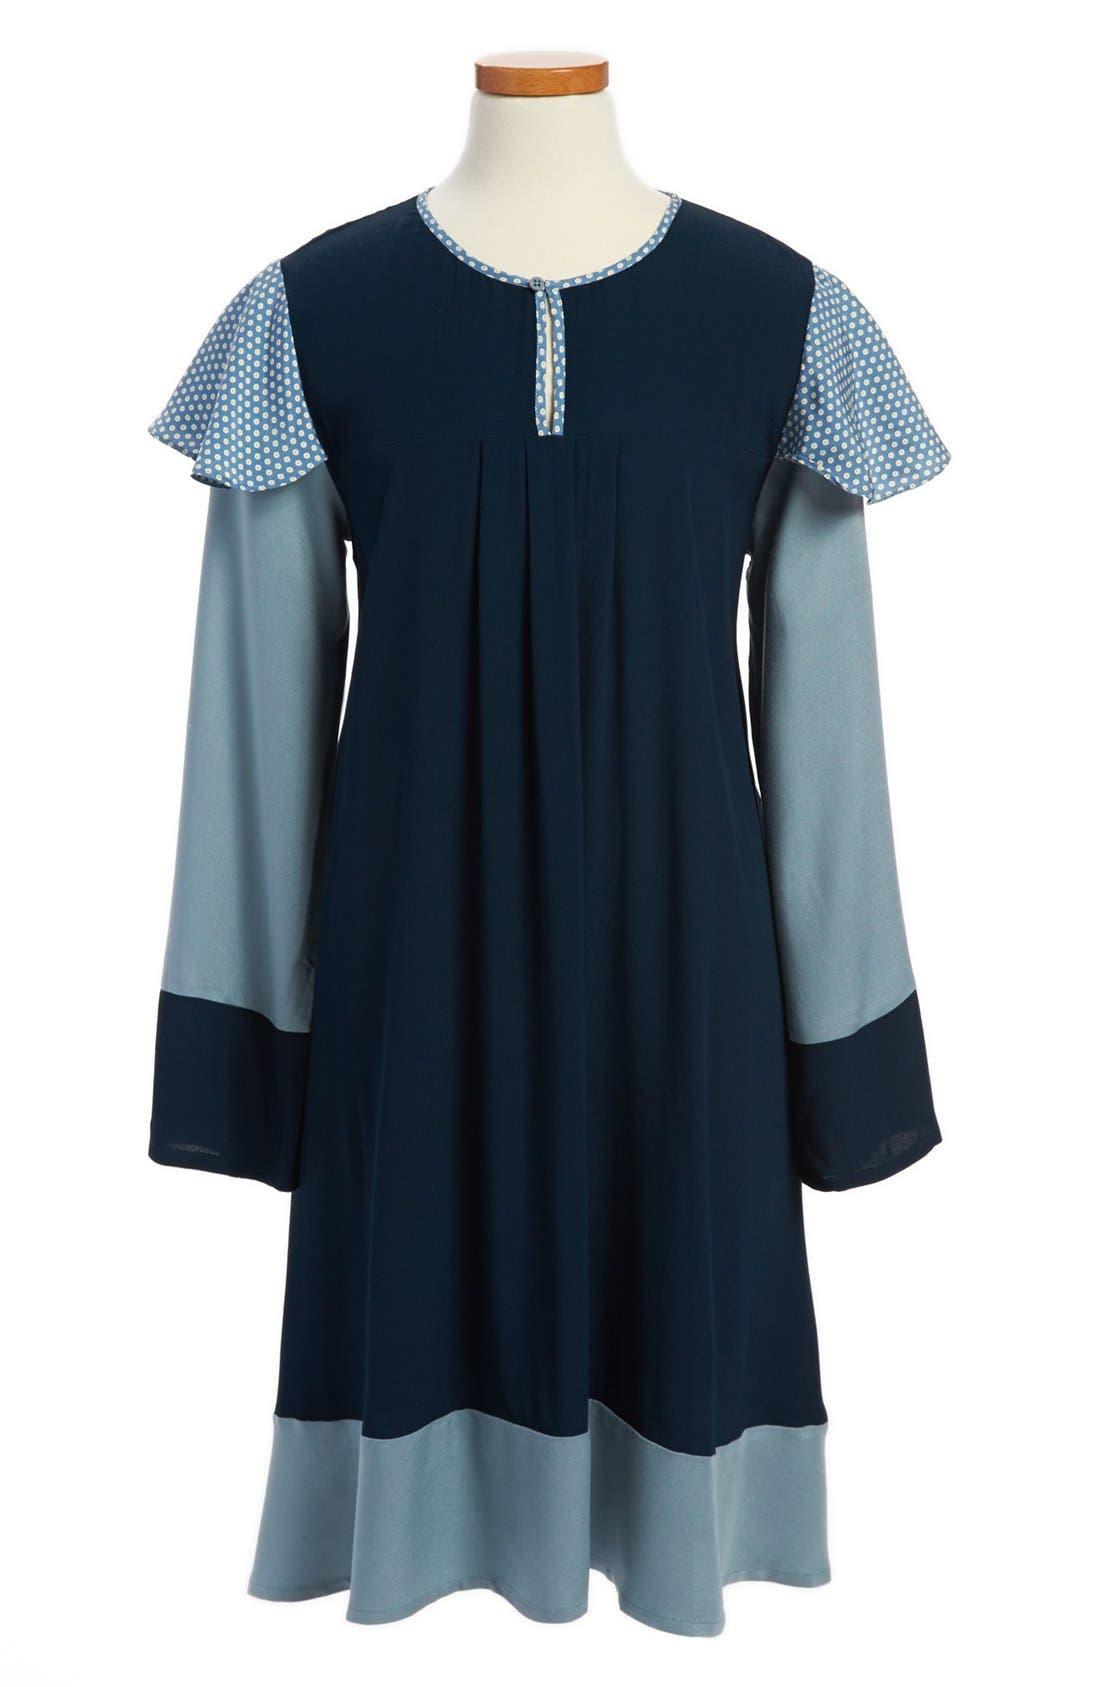 Main Image - Stella McCartney Kids 'Lydia' Dress (Toddler Girls, Little Girls & Big Girls)